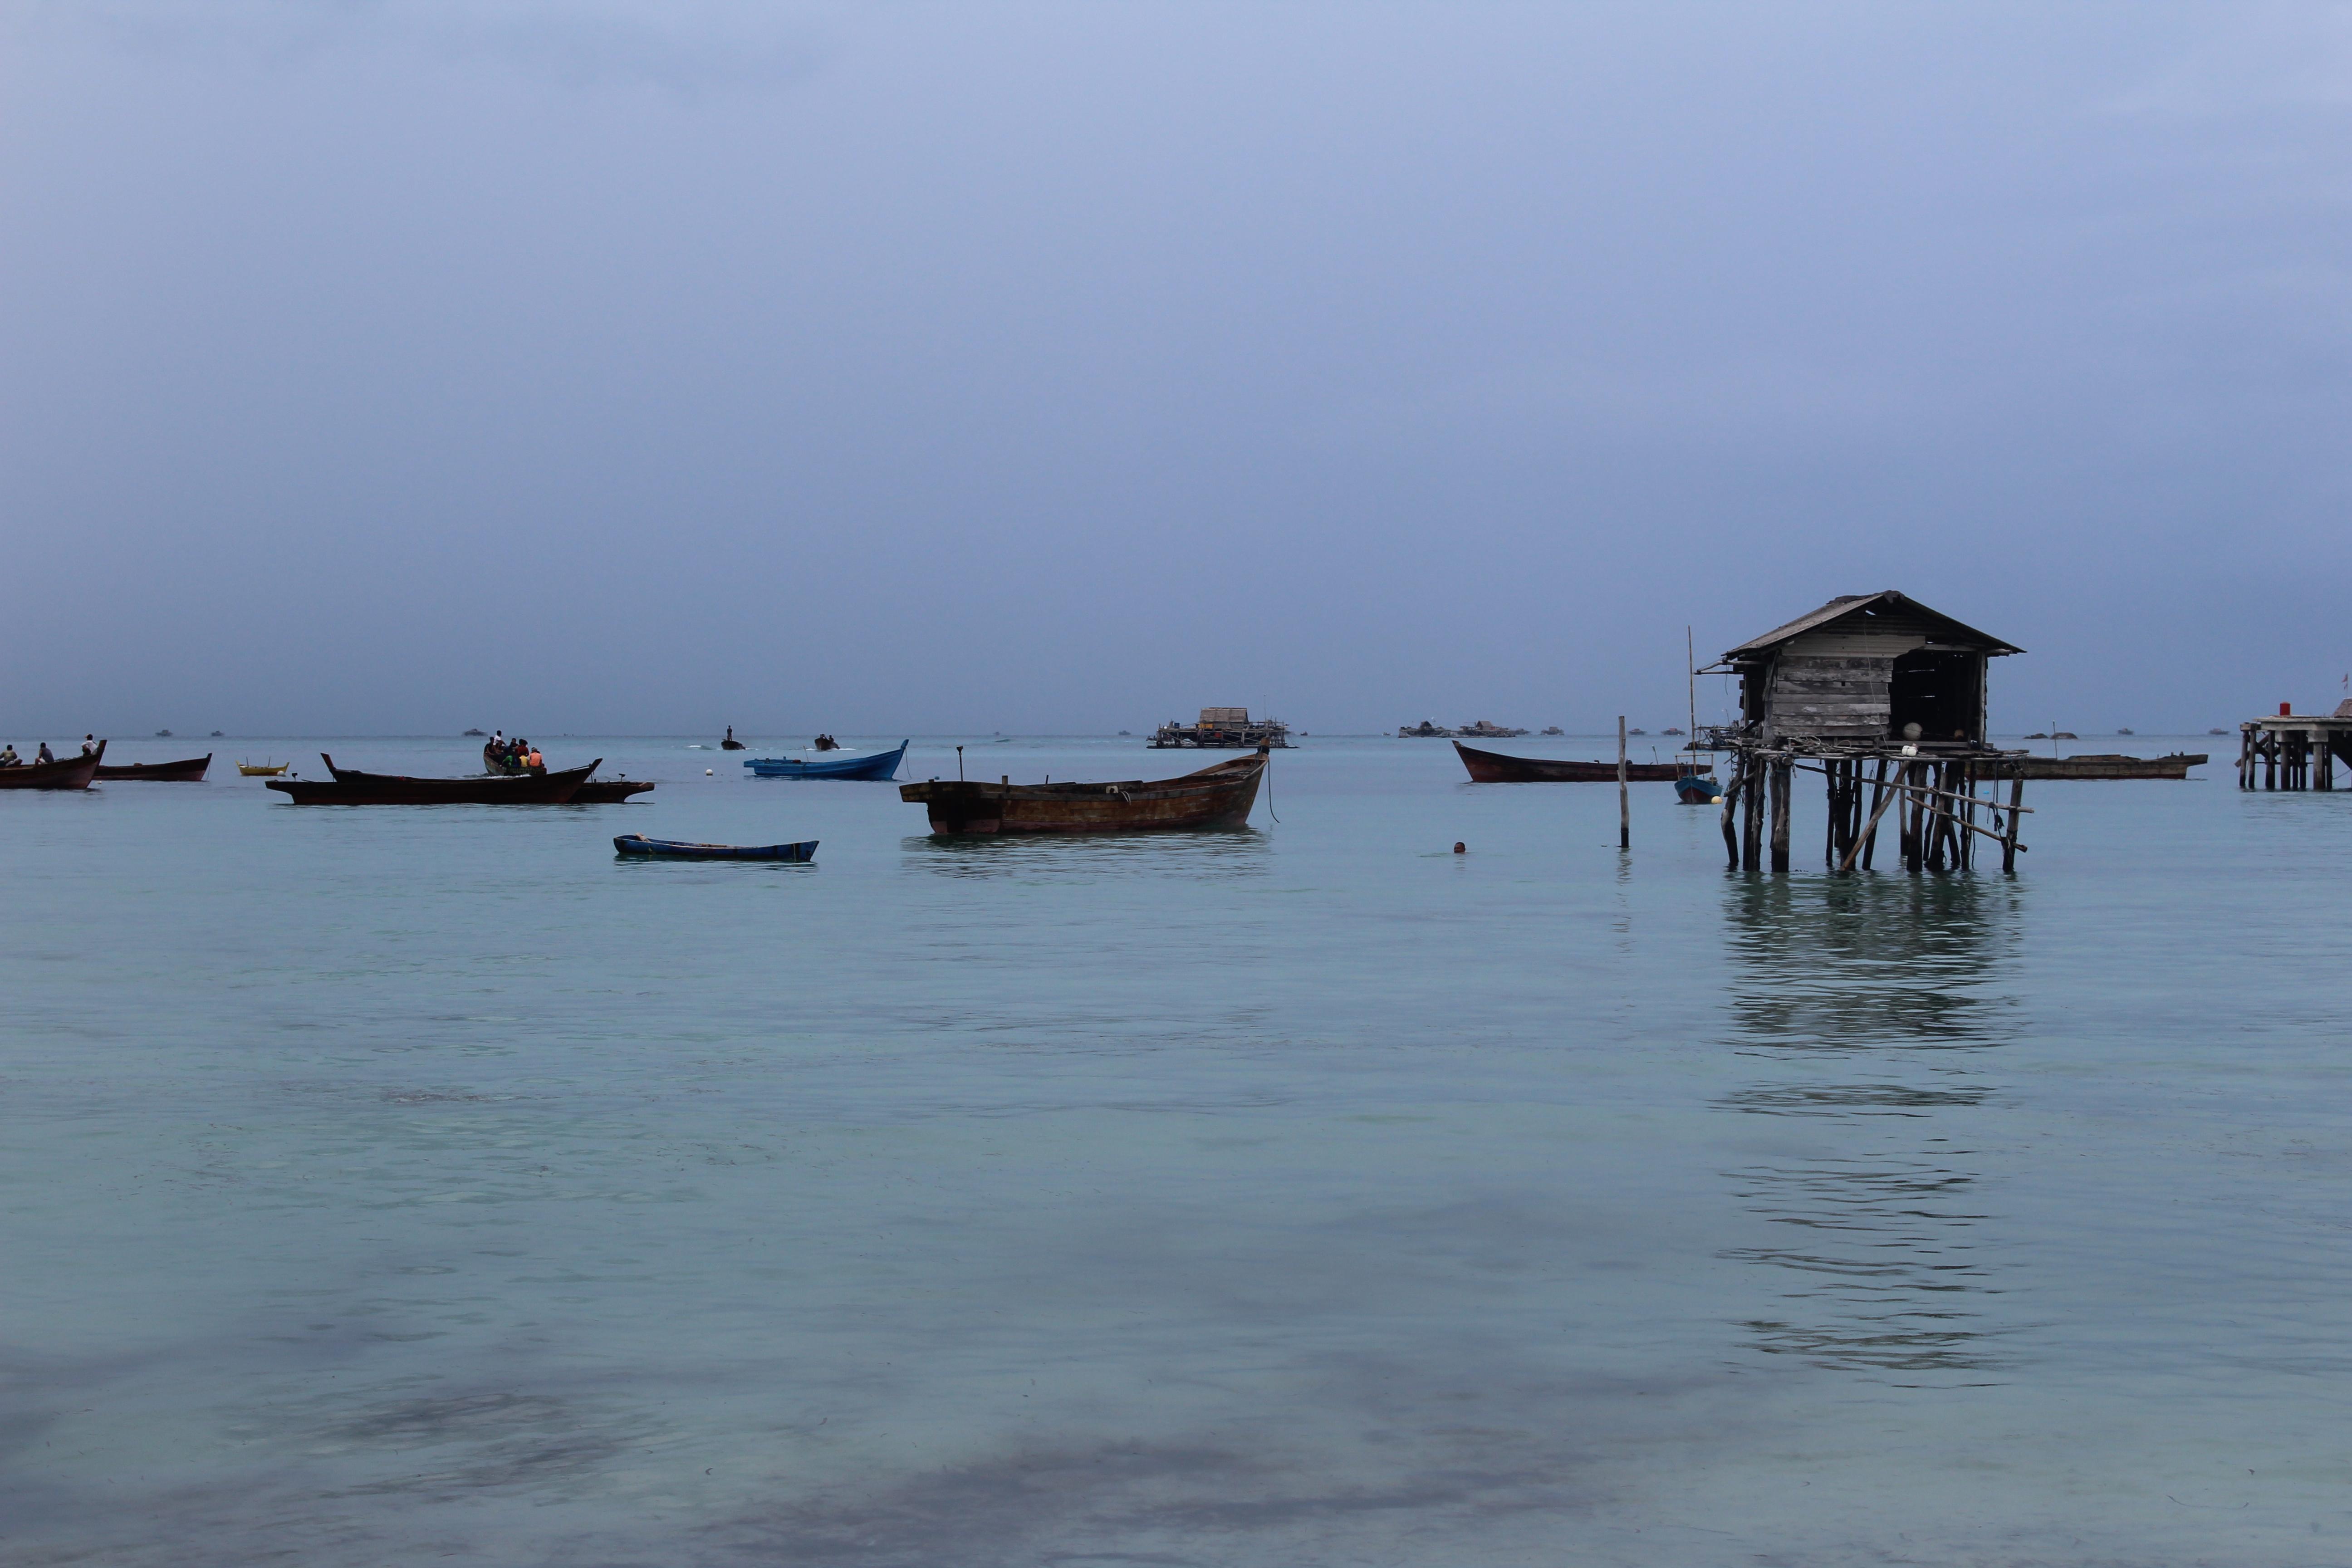 Kokosnüsse, Traumstrände & Bob Marley – ein Wochenende auf Bintan